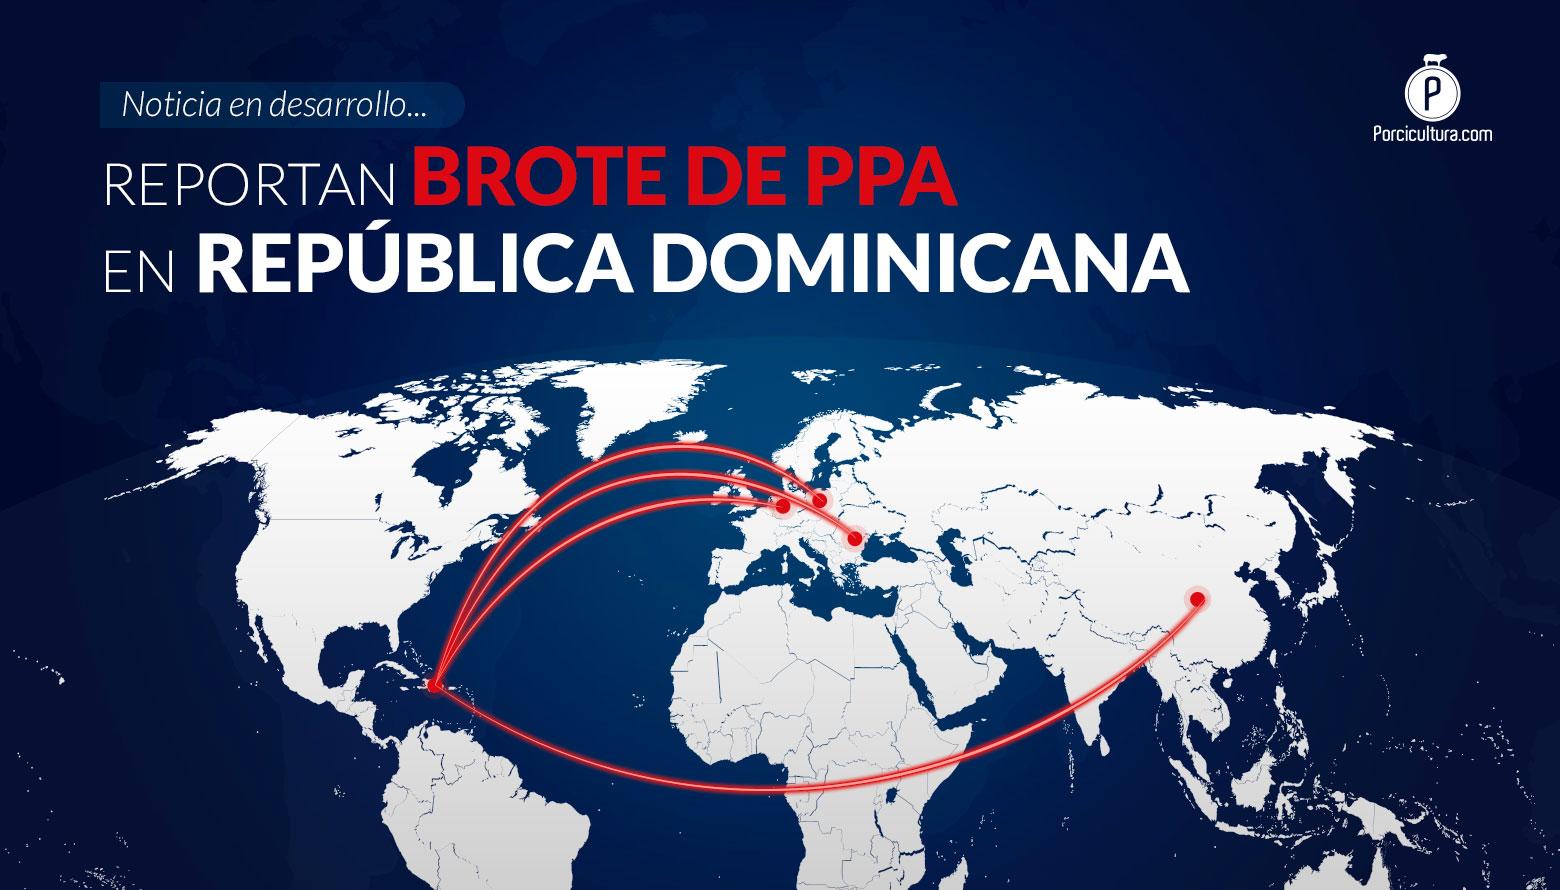 <p>La PPA llegó a El Caribe, el USDA confirmó la presencia del virus en República Dominicana</p>